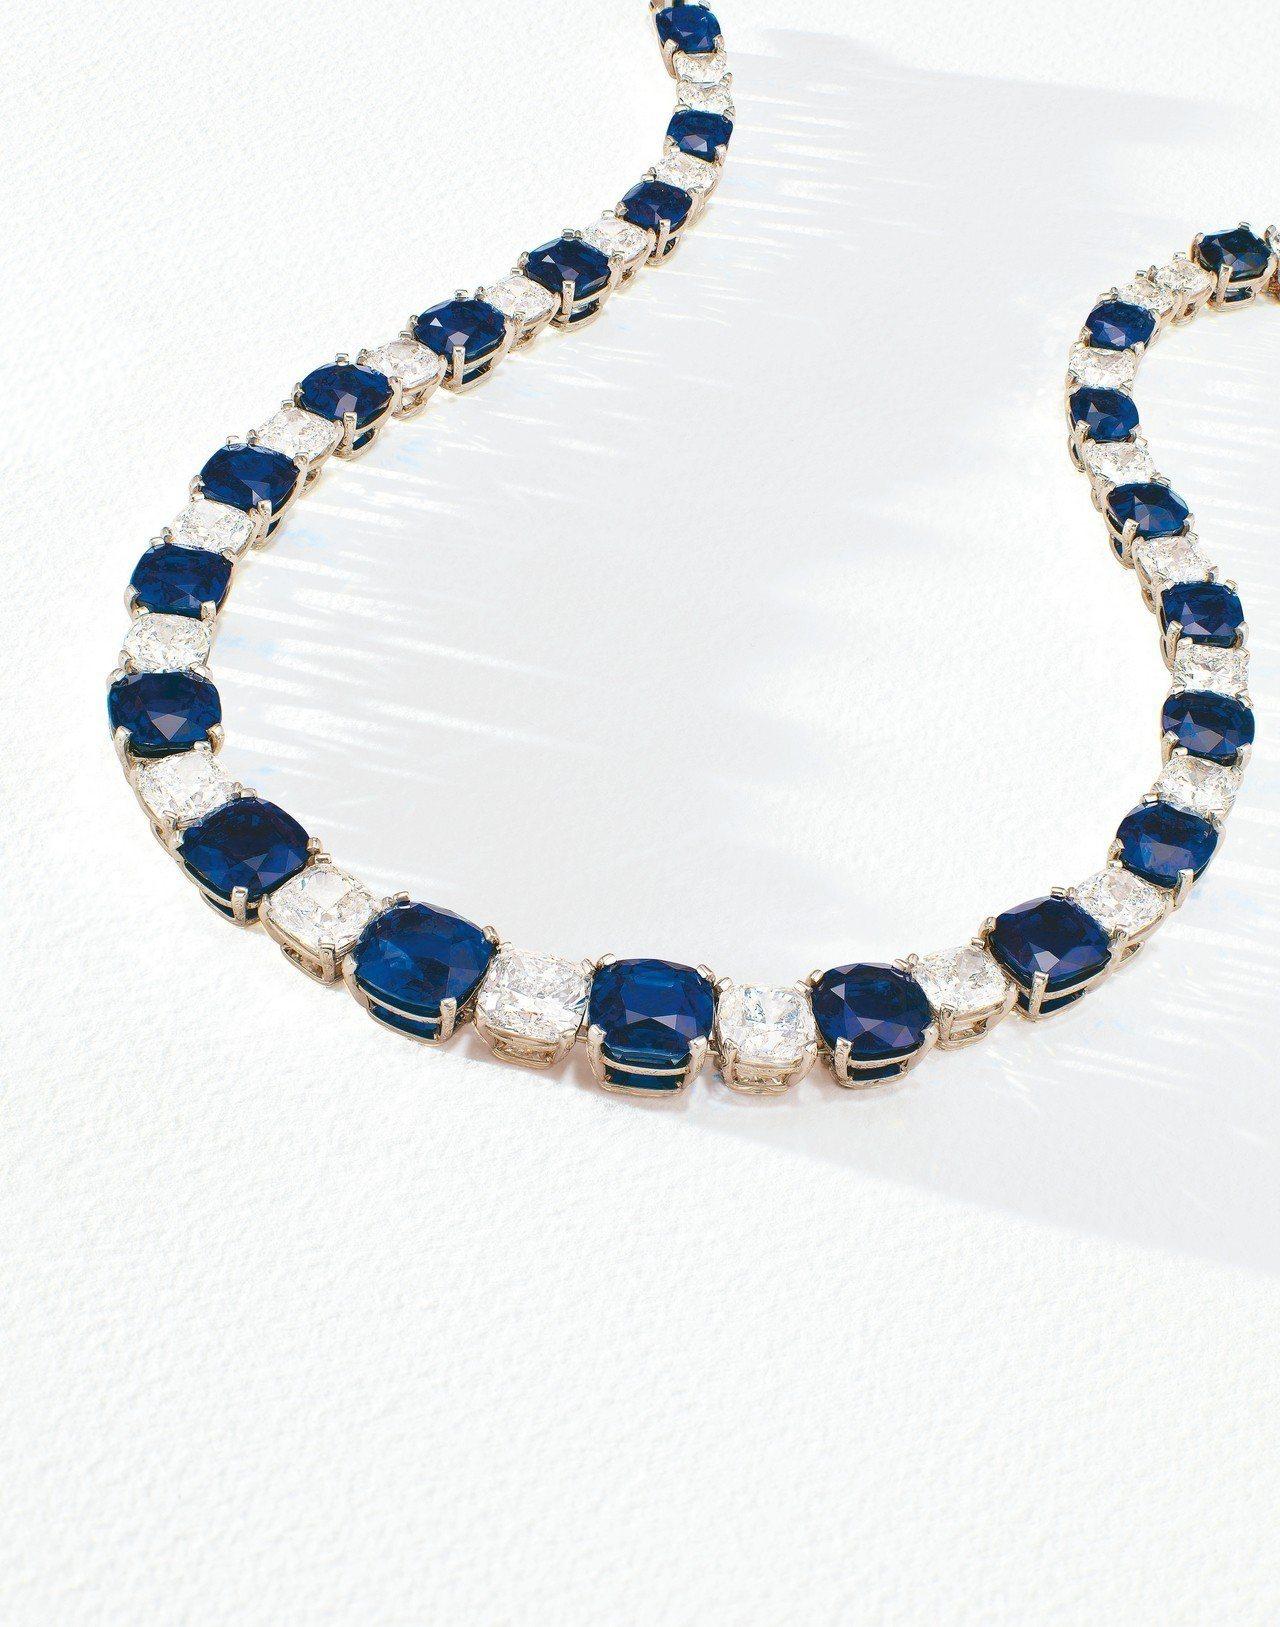 名為孔雀的喀什米爾天然皇家藍藍寶石項鍊,以平均每克拉417萬元的價格寫下喀什米爾...